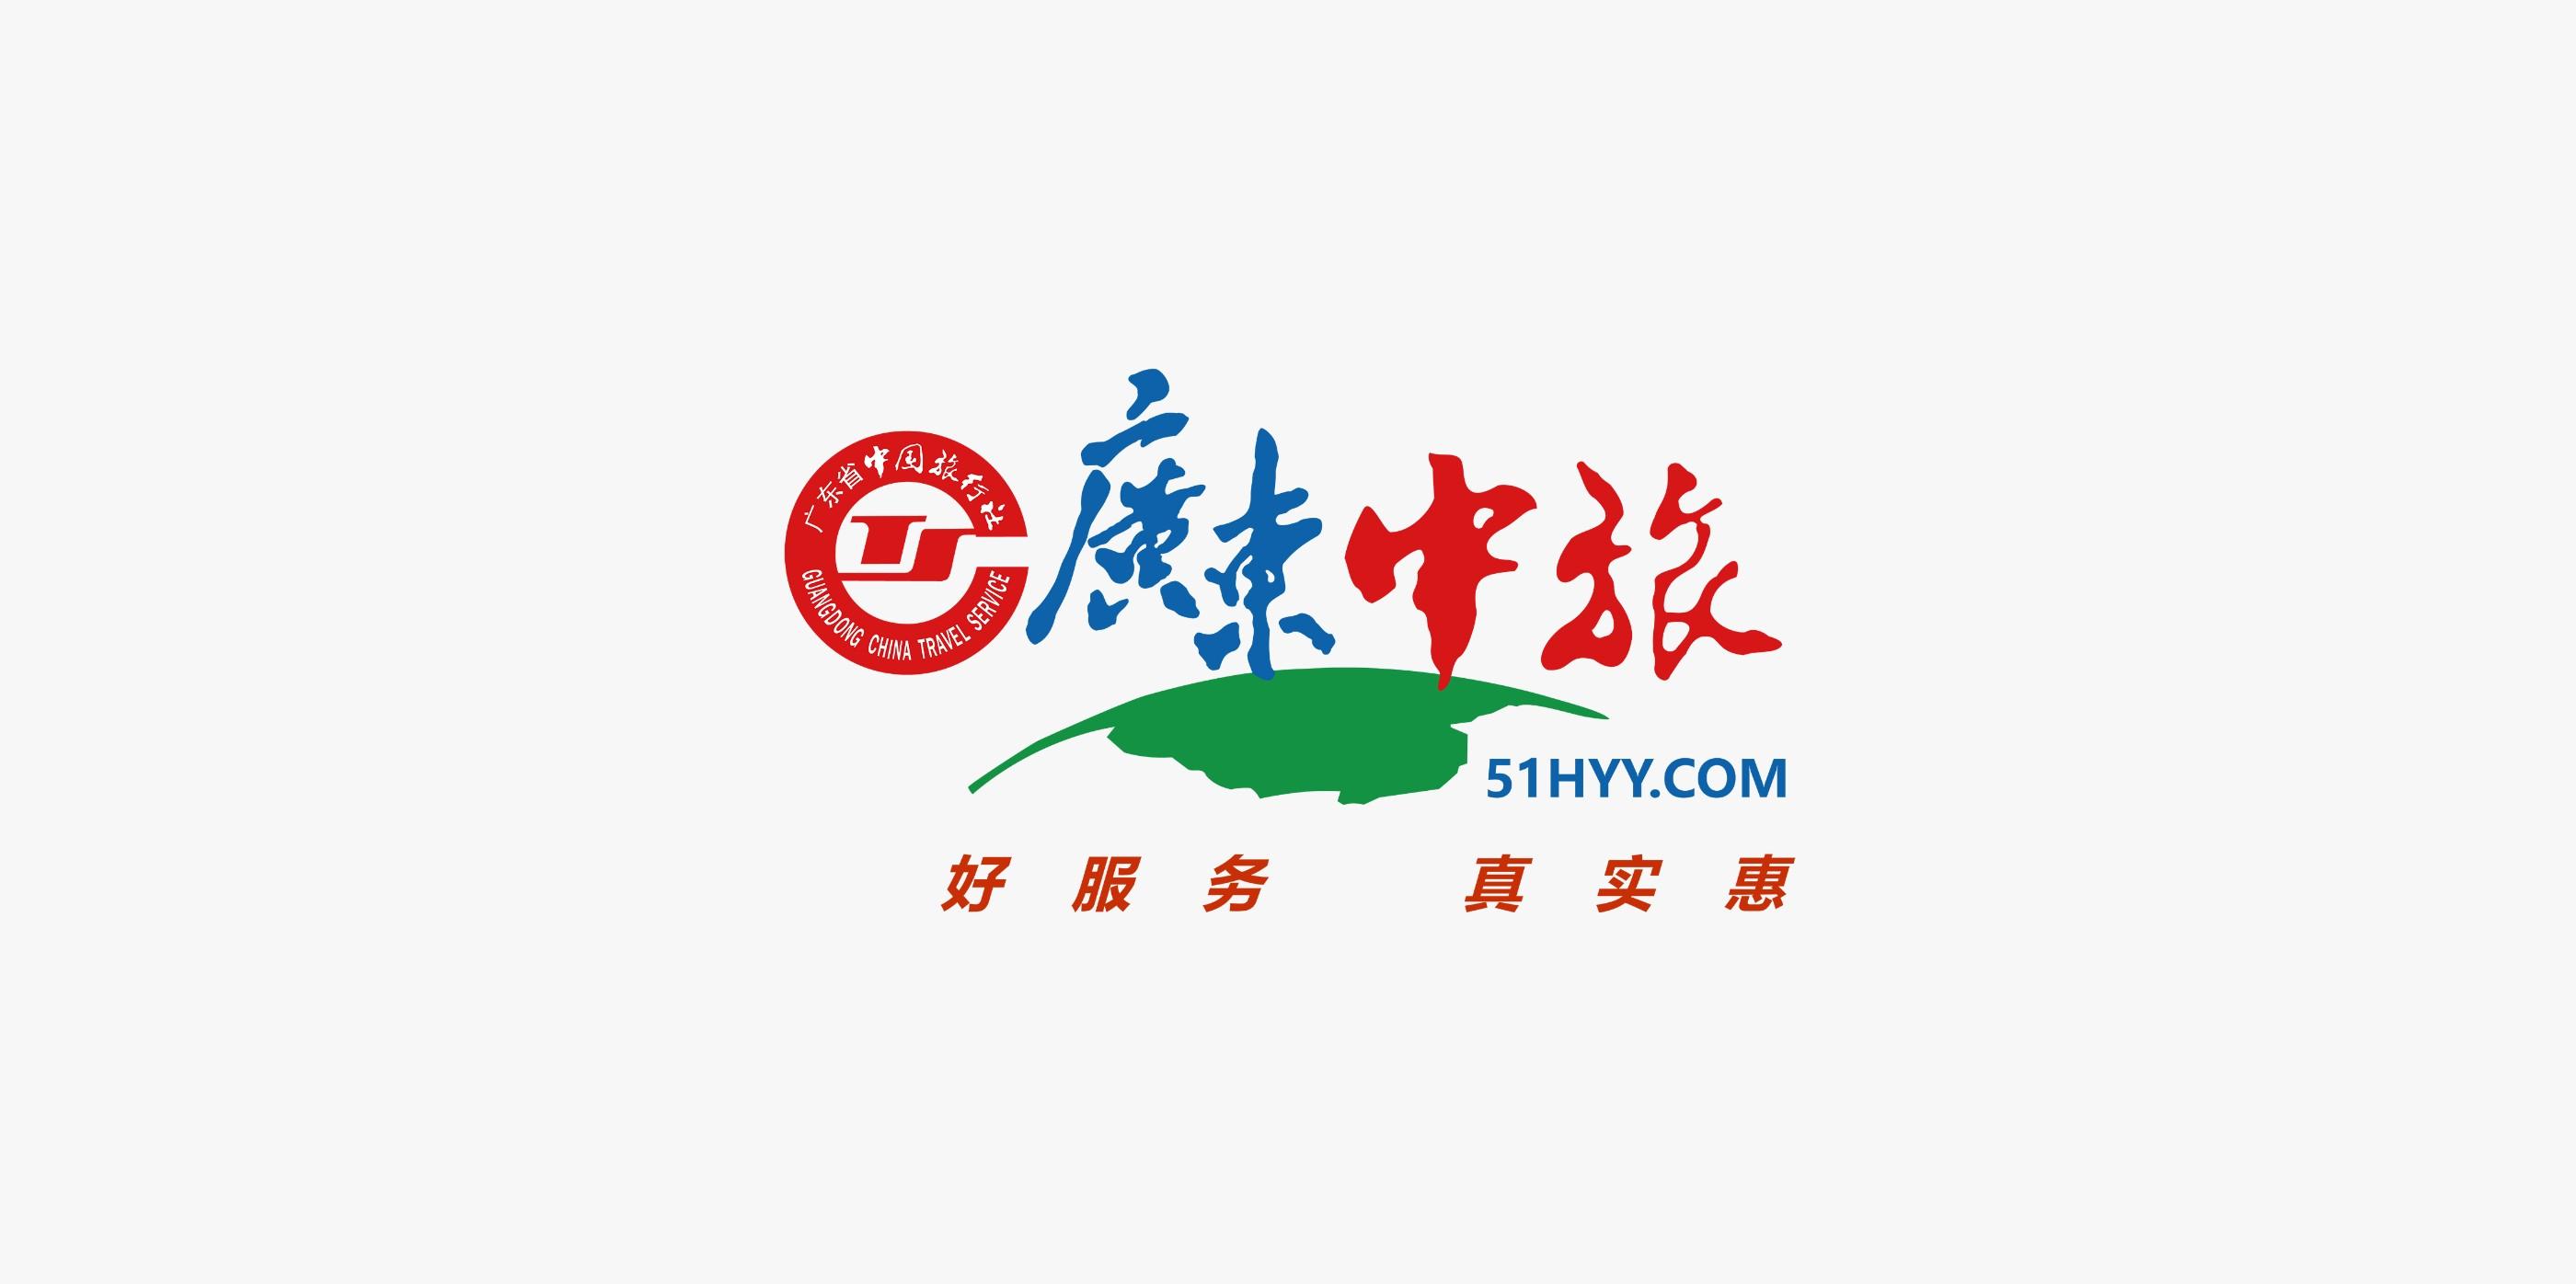 广东中旅70周年主题路演